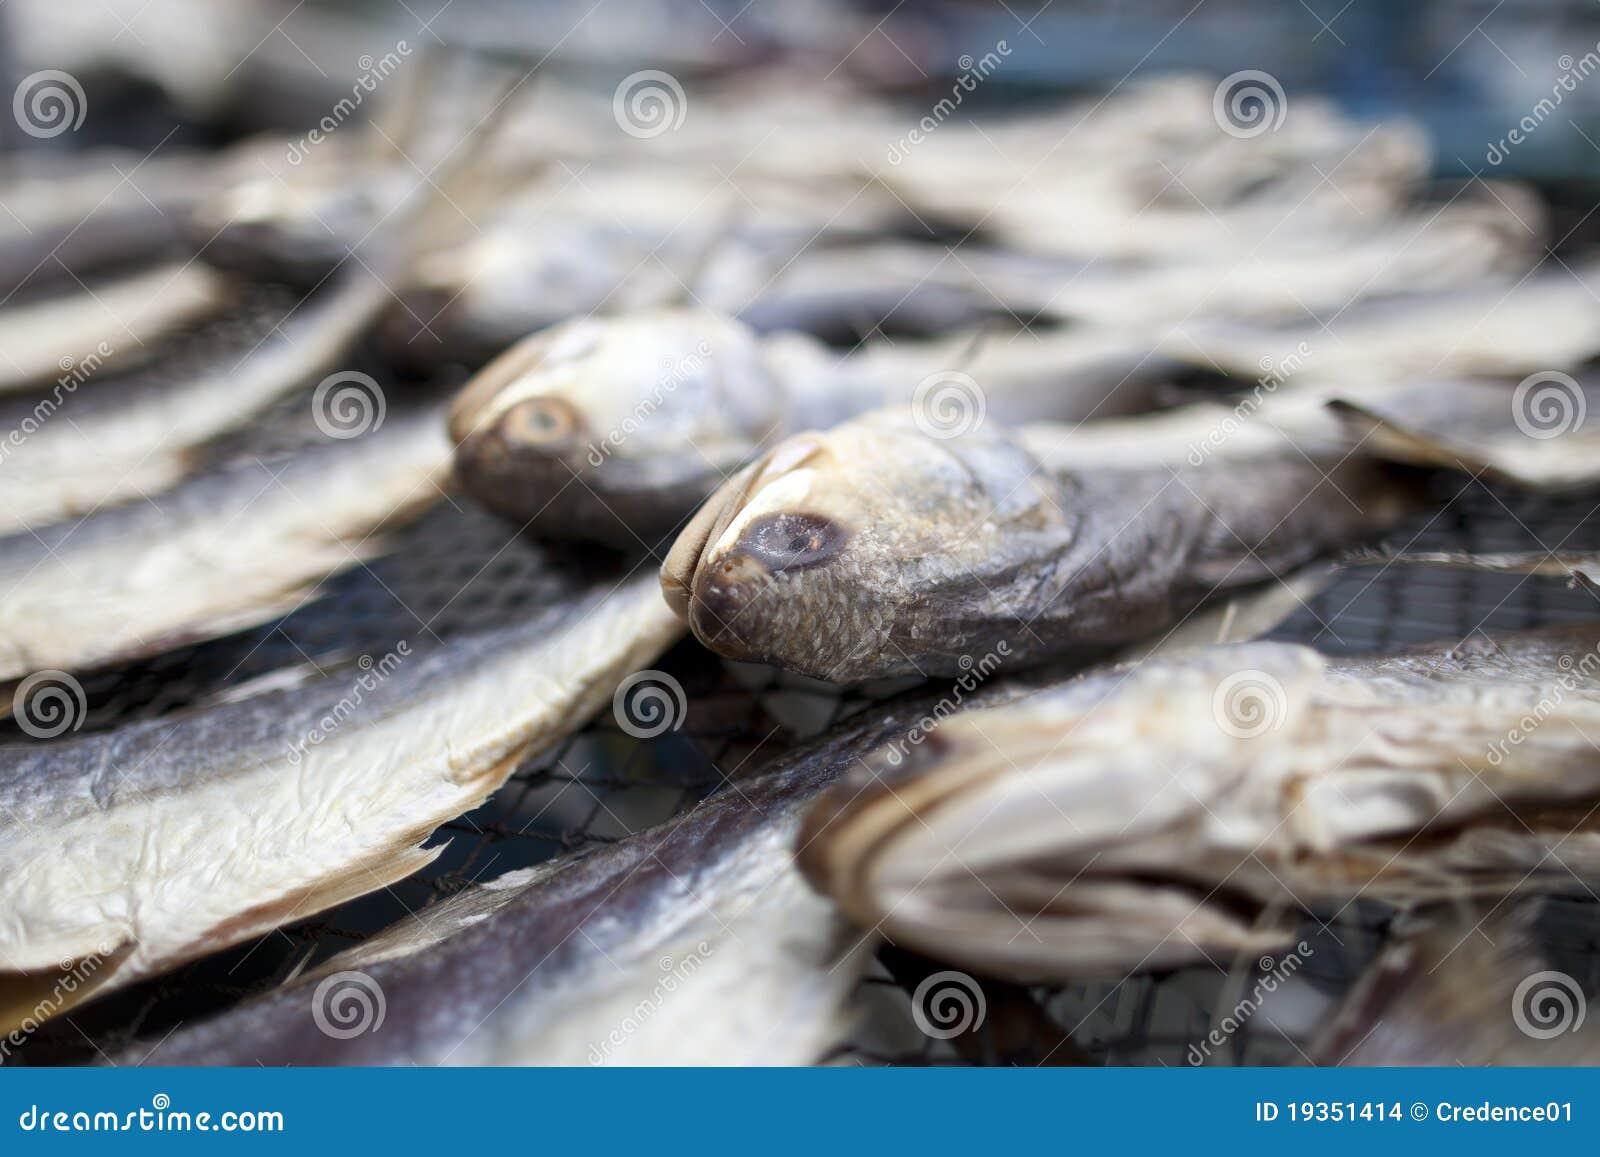 Peixes salgados secados no mercado